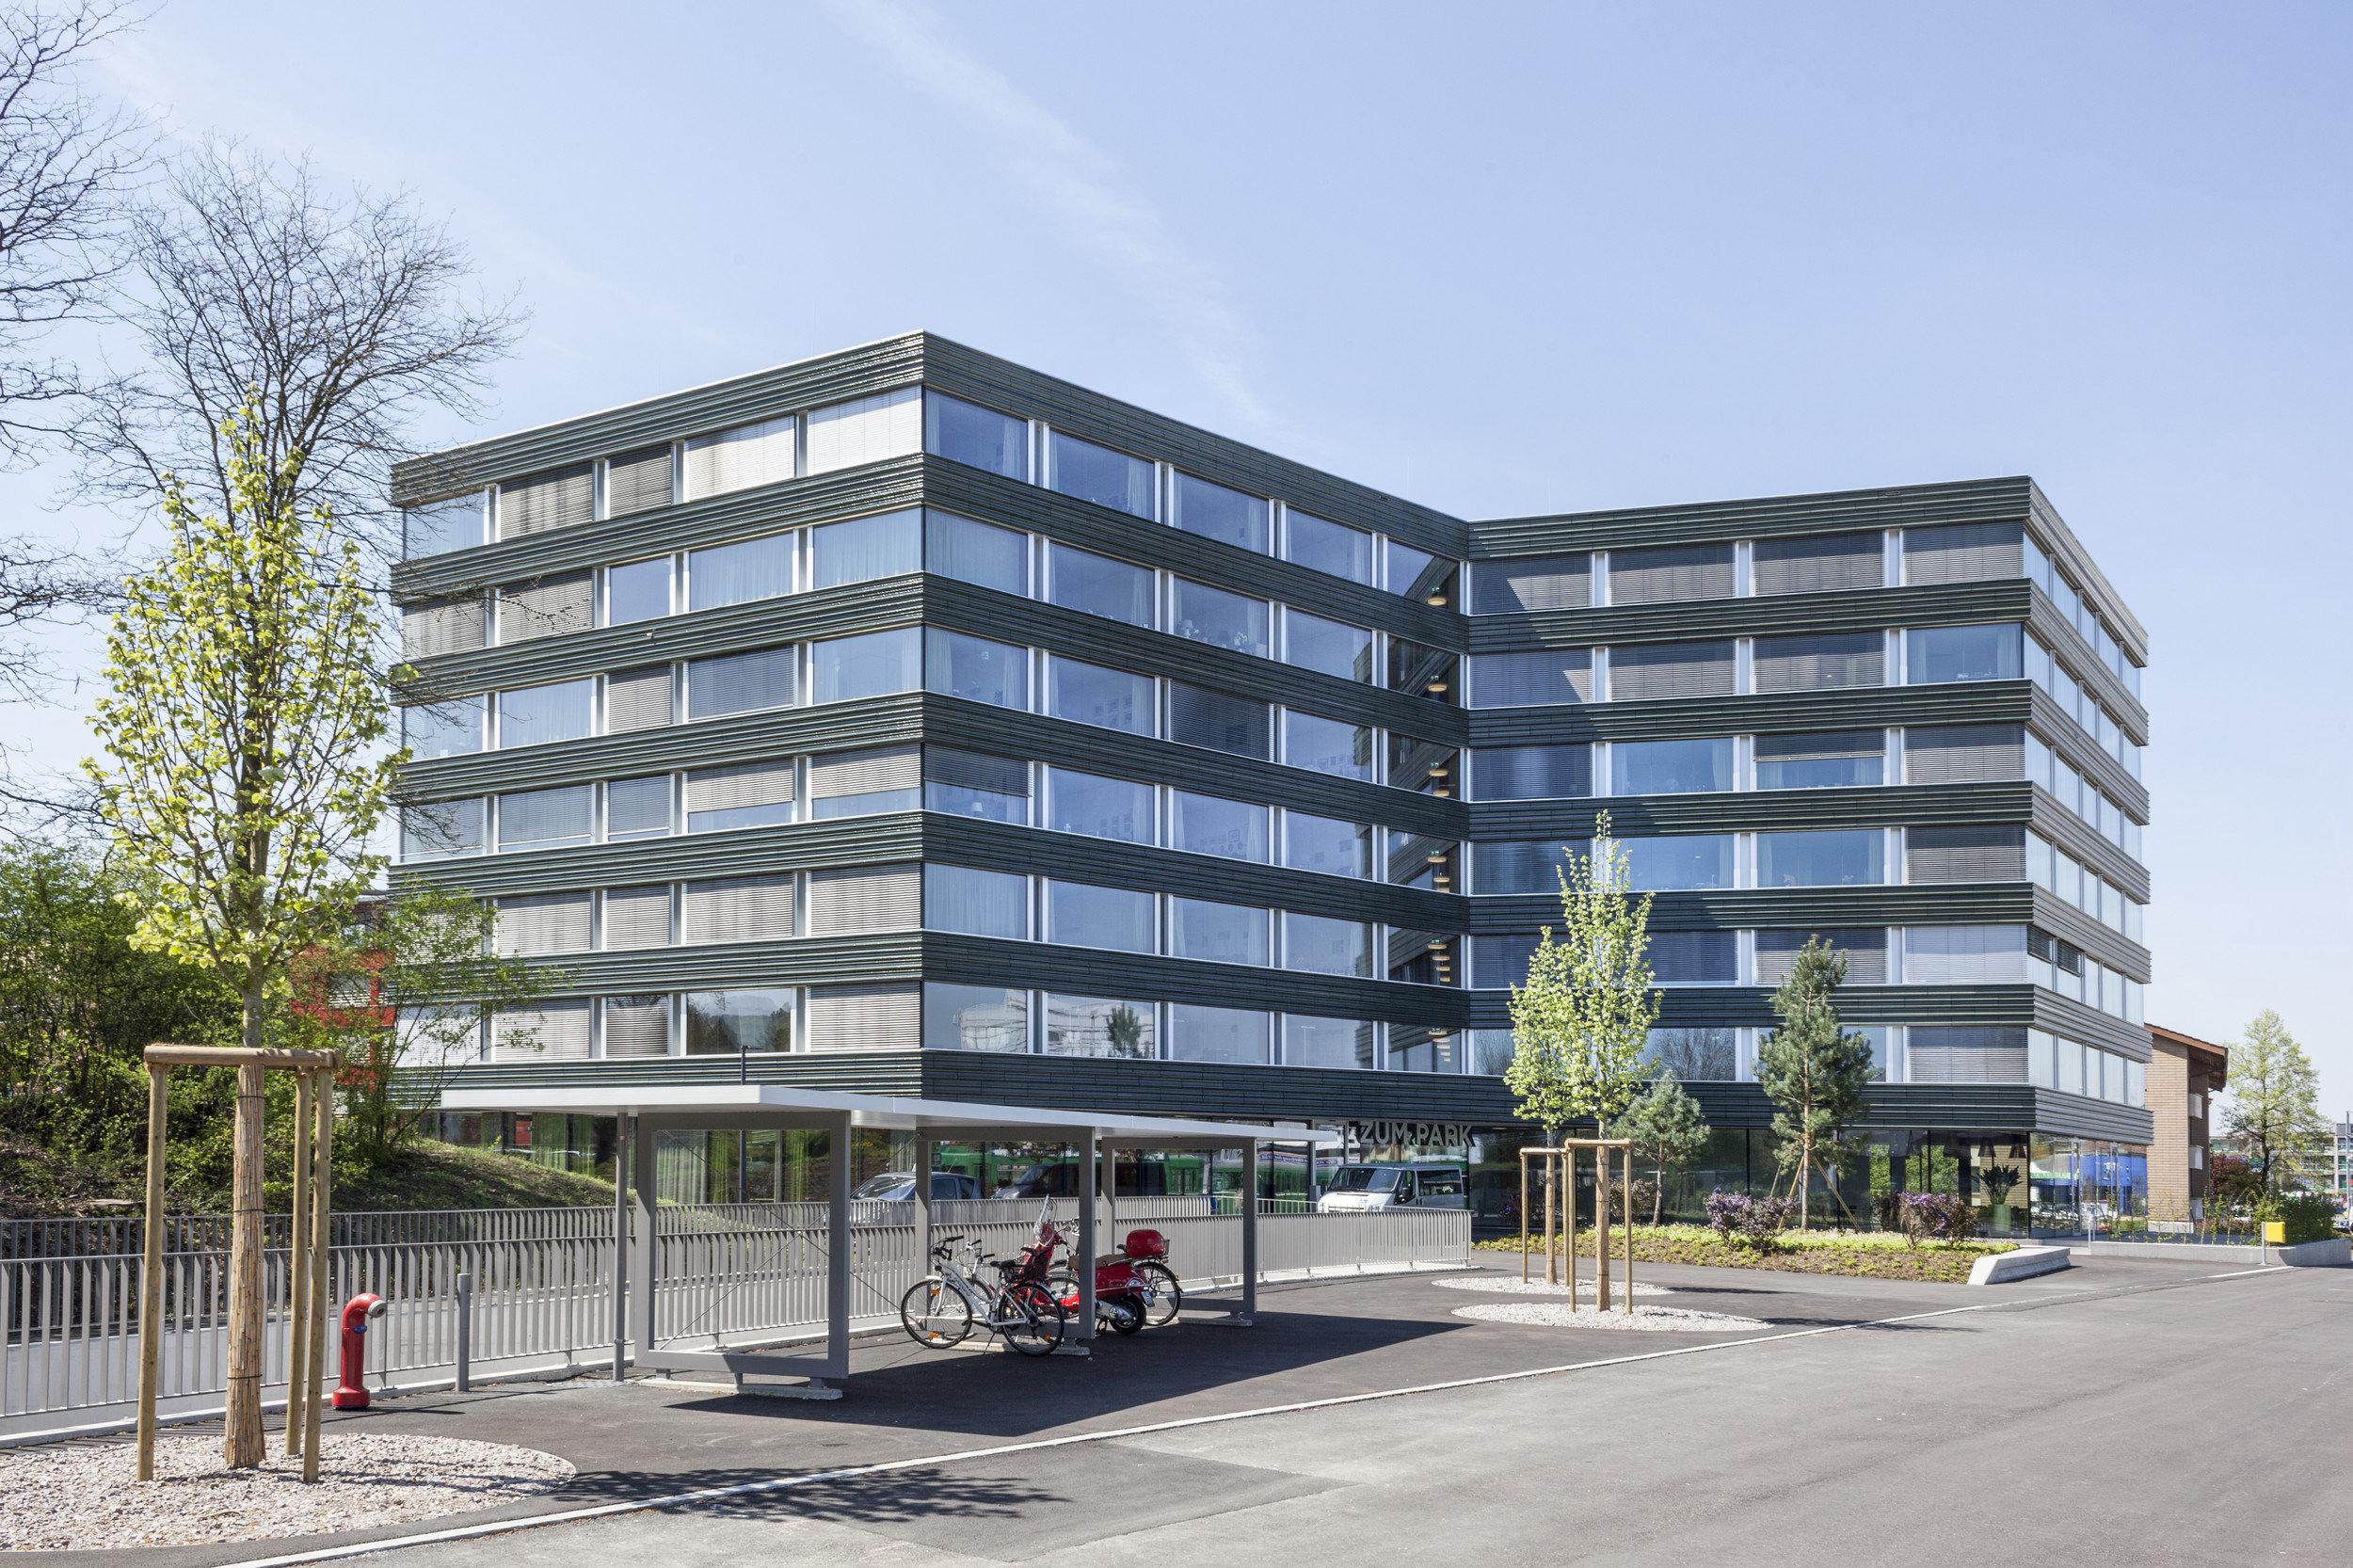 6-stöckiges Wohngebäude mit gleichmässig grossen Holz-Metallfenster